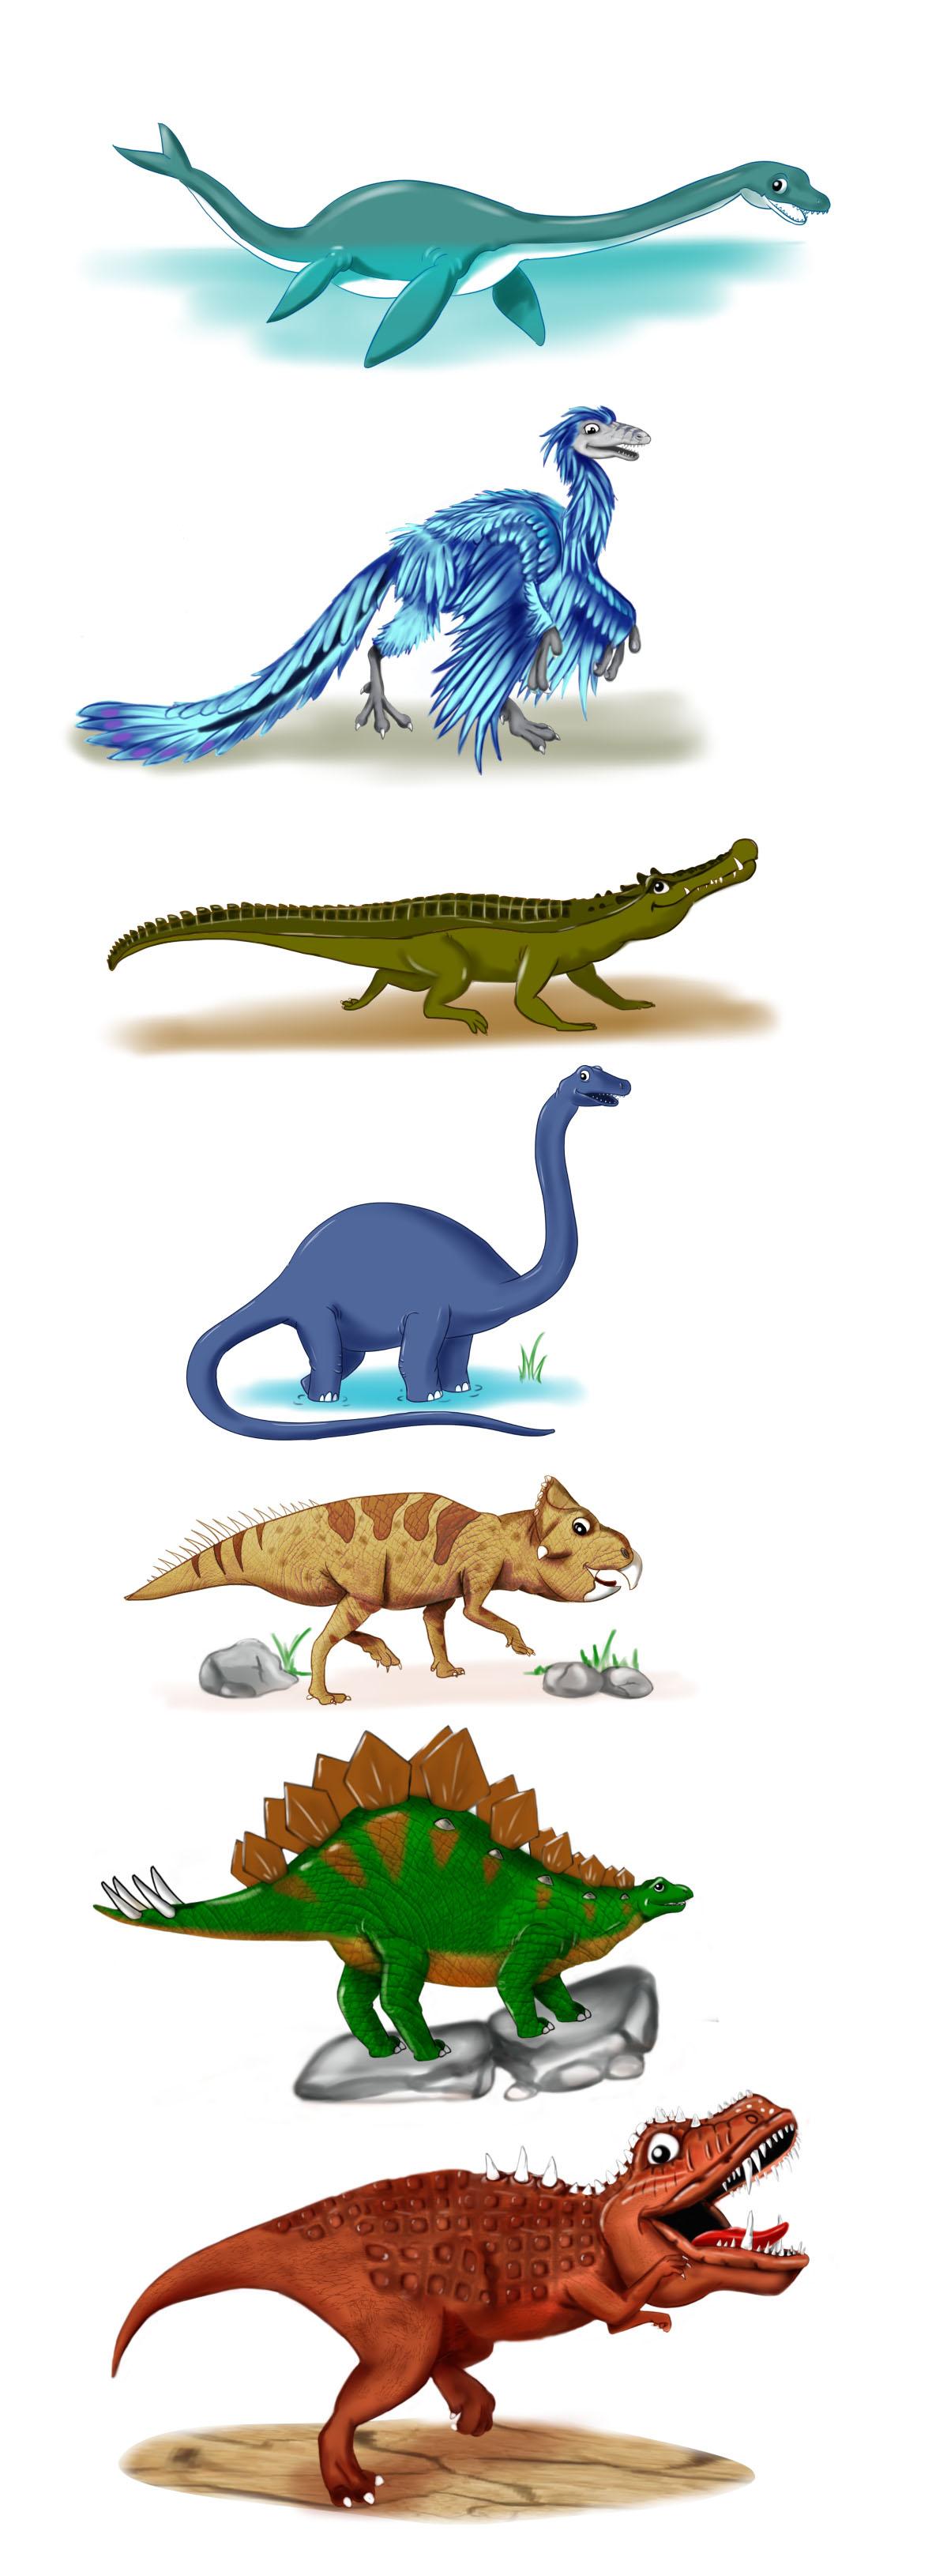 Many Dinosaurs